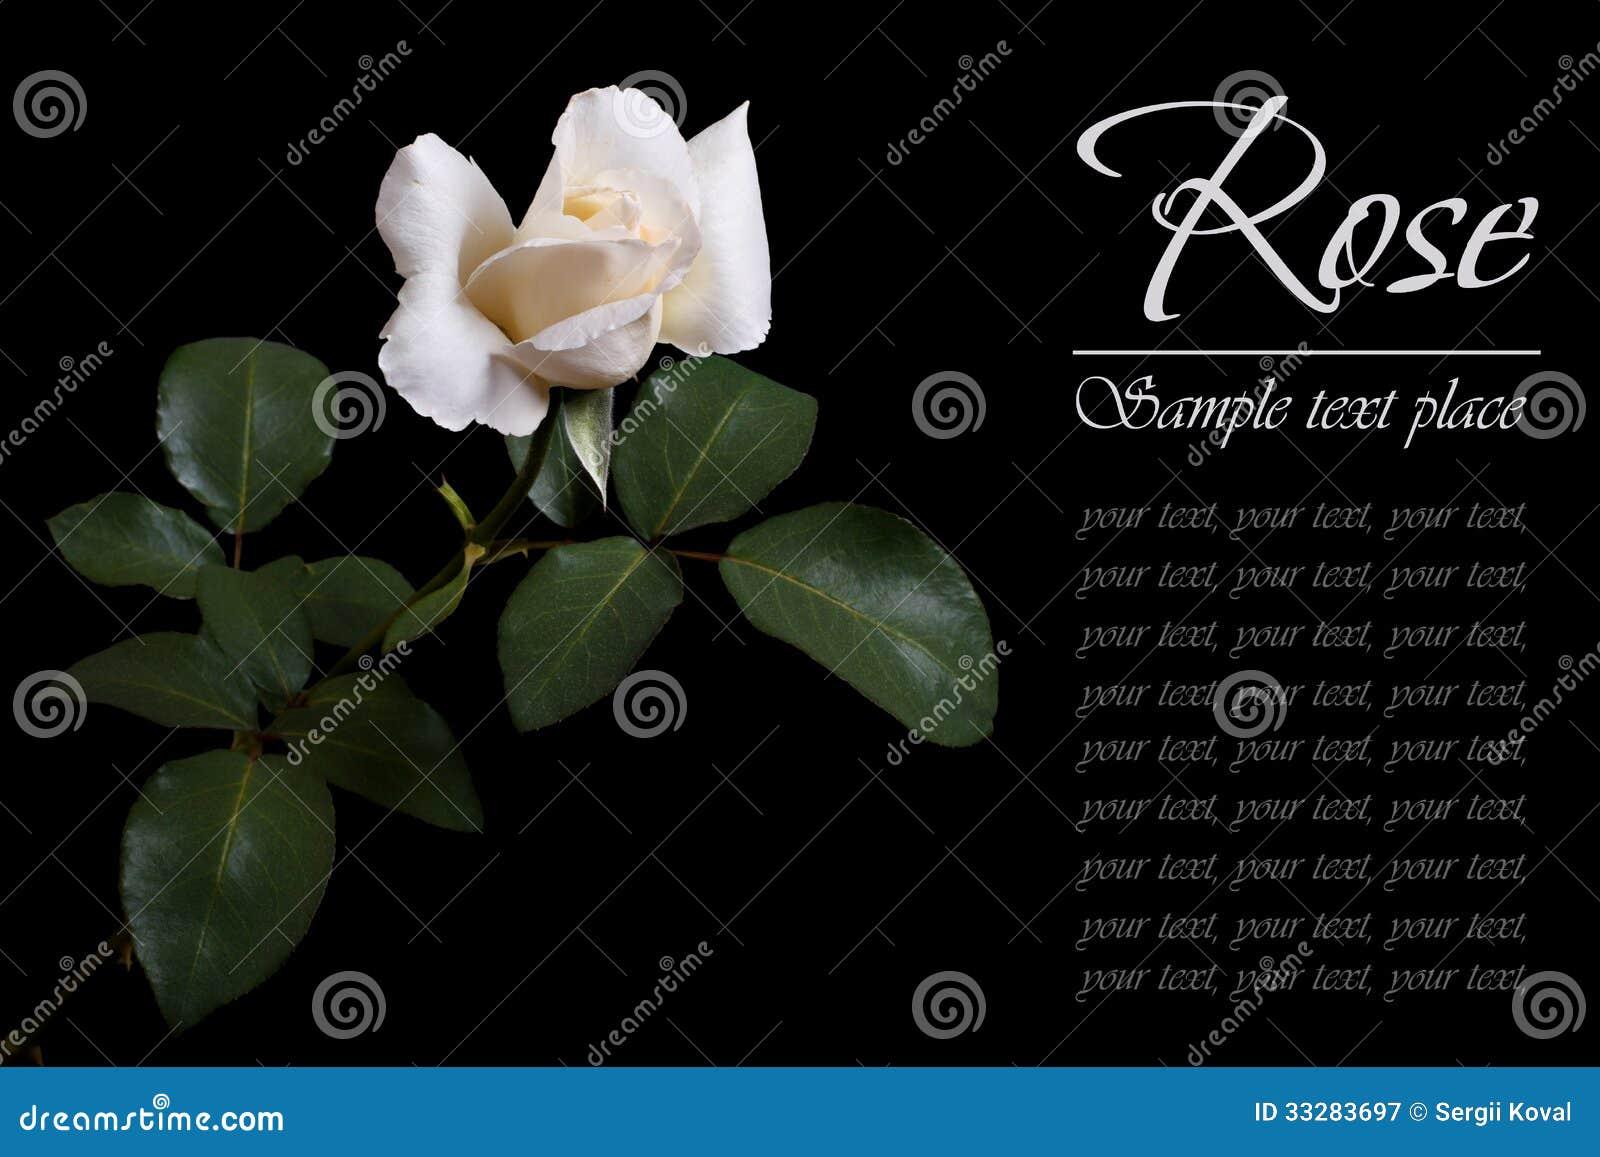 Eleletsitz single white rose meaning images single white rose meaning biocorpaavc Choice Image